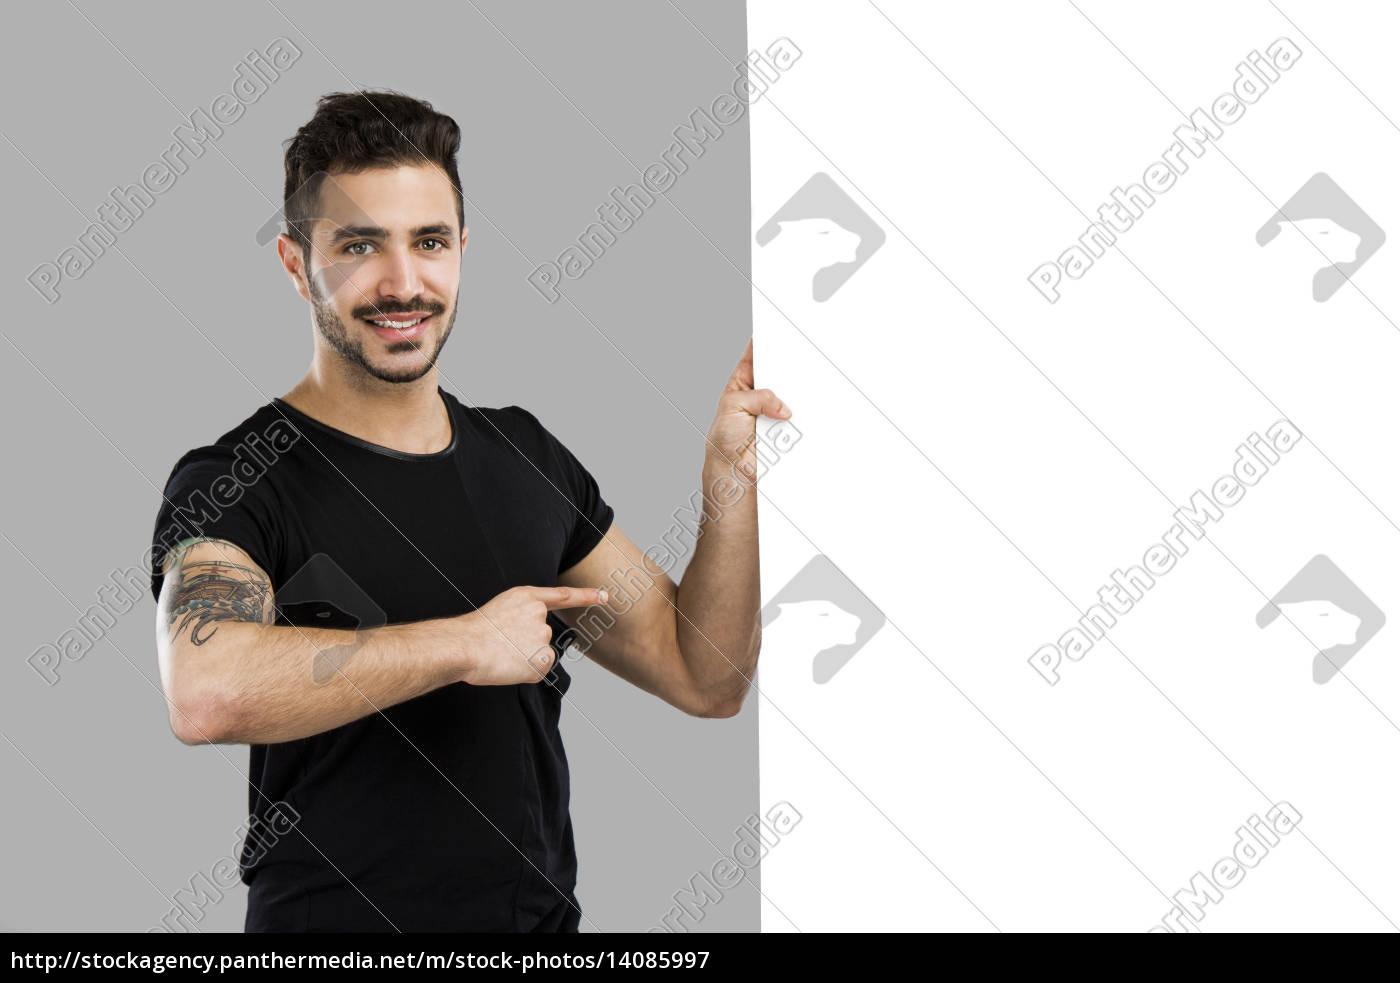 man, with, a, tuxedo - 14085997